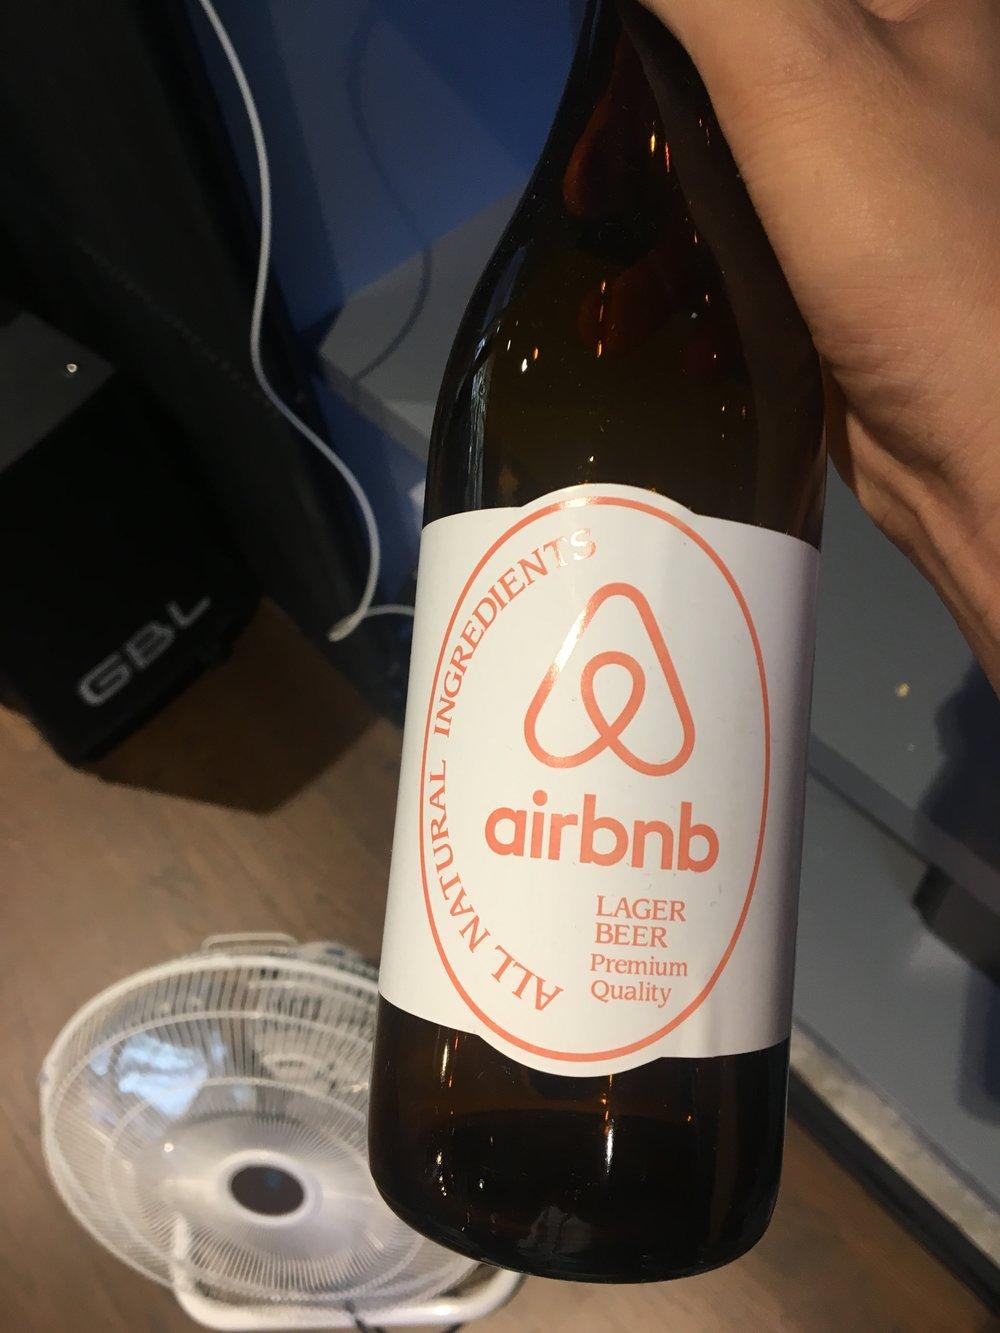 Beijing Airbnb locals